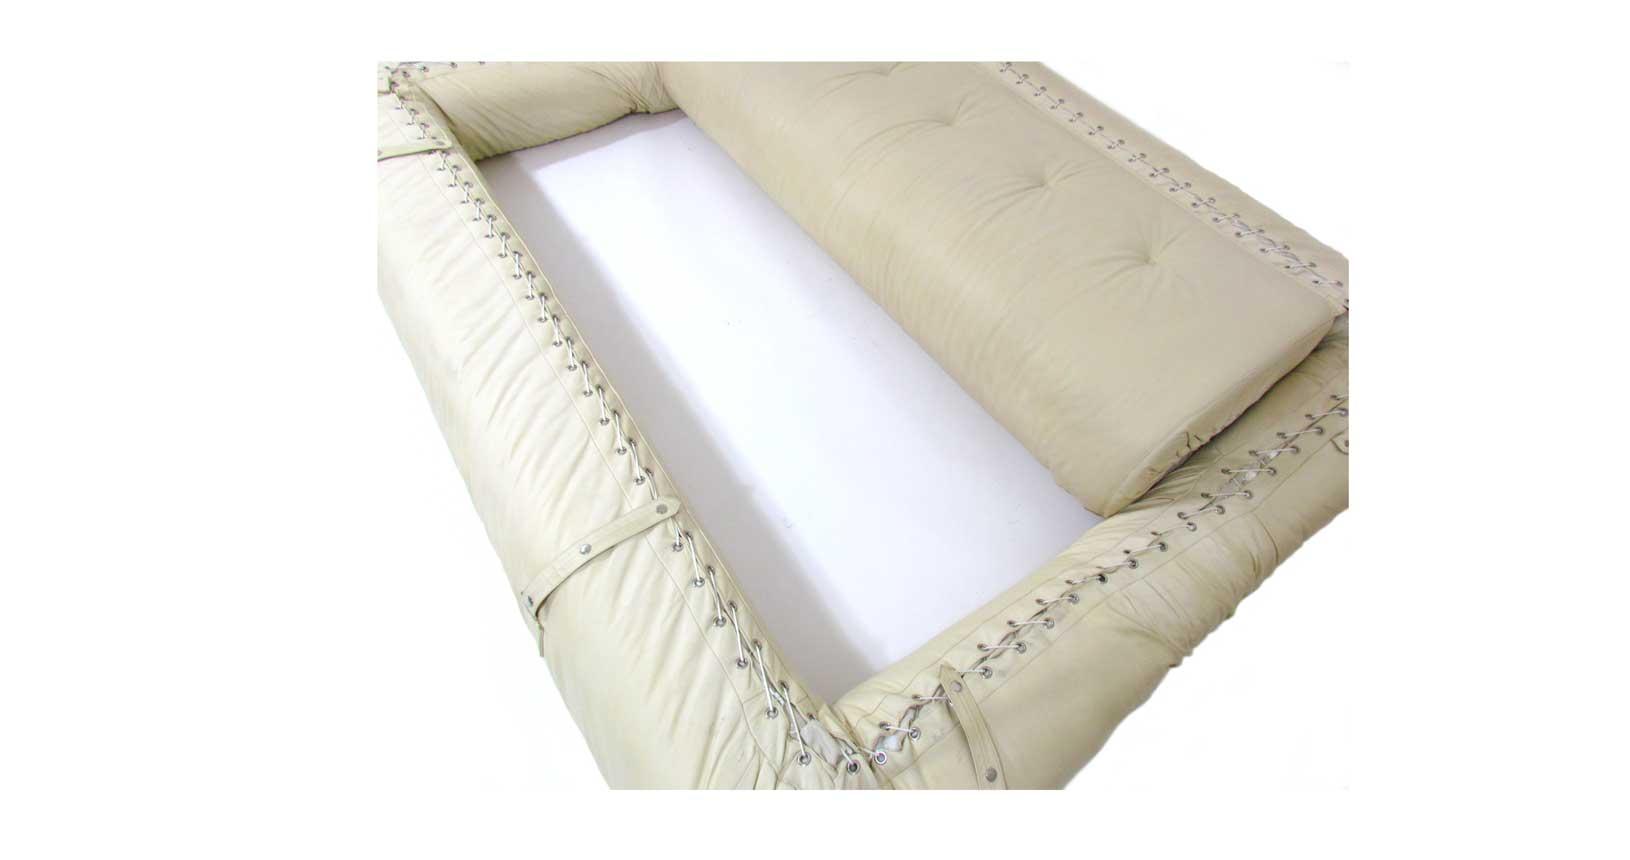 anfibio sofa vintage design iconicdesign furniture leather alessandro becchi giovannetti